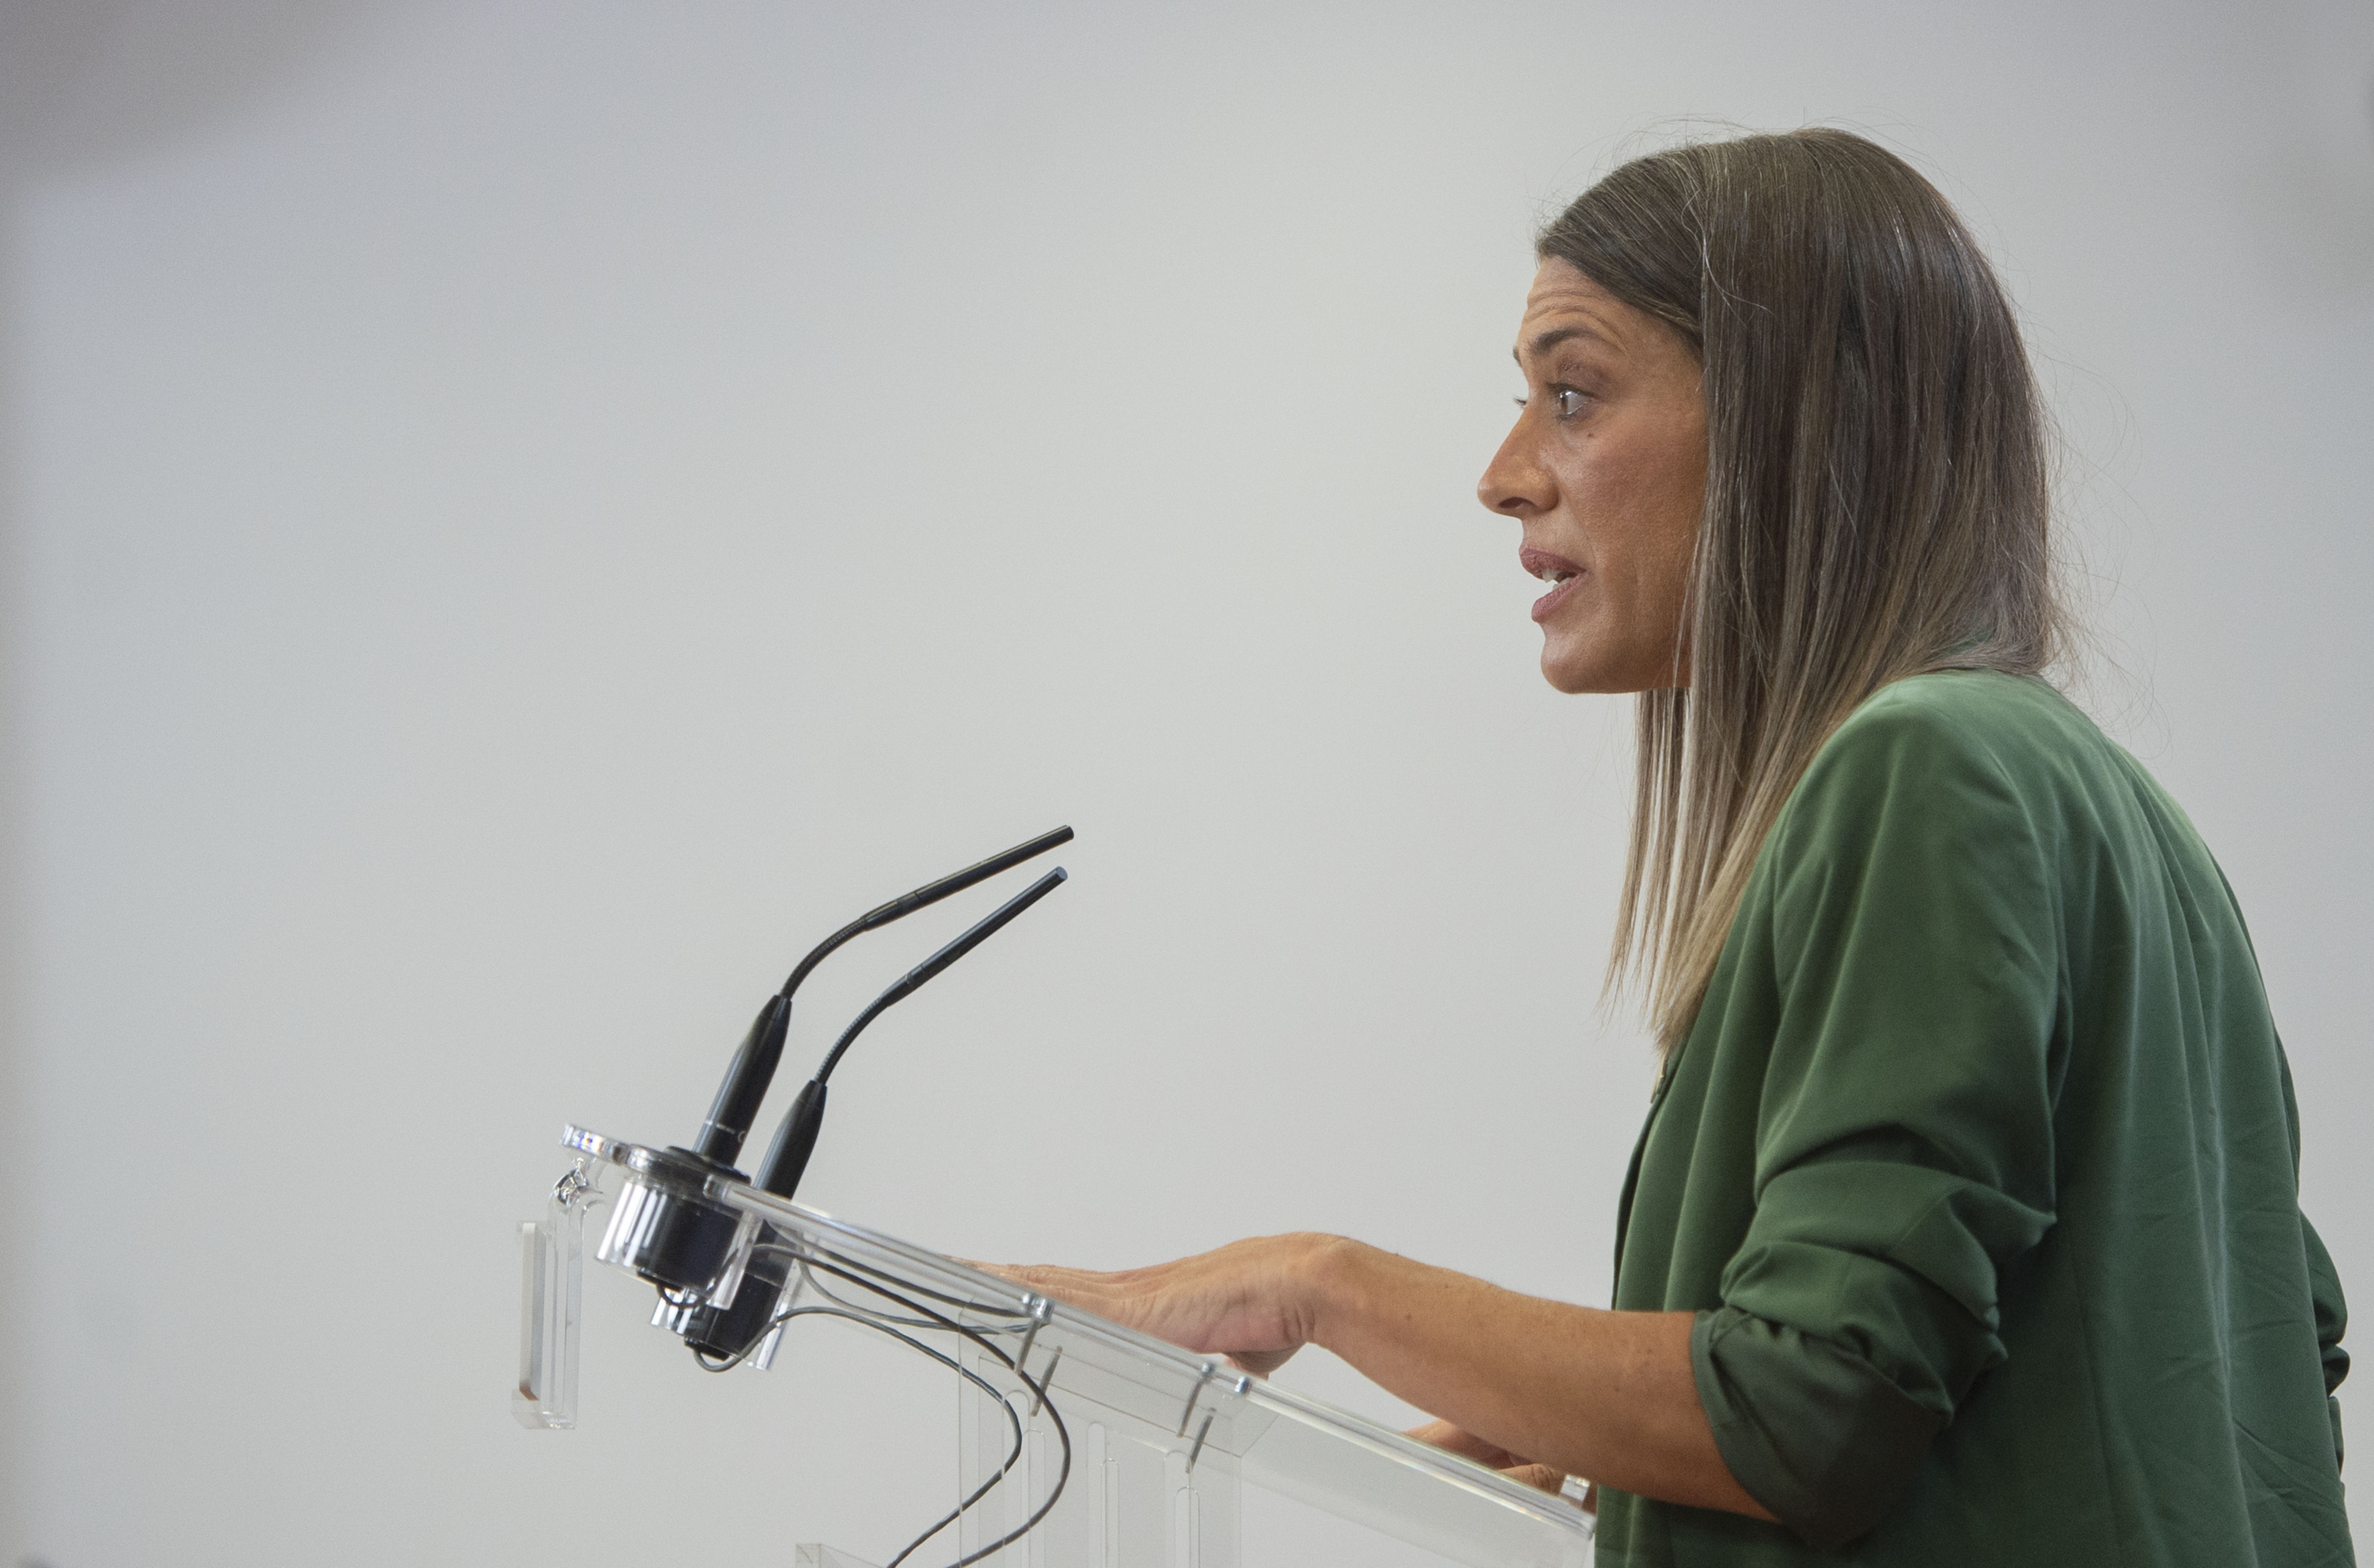 La portaveu de Junts per Catalunya, Miriam Nogueras, intervé en una roda de premsa de Portaveus / Europa Press